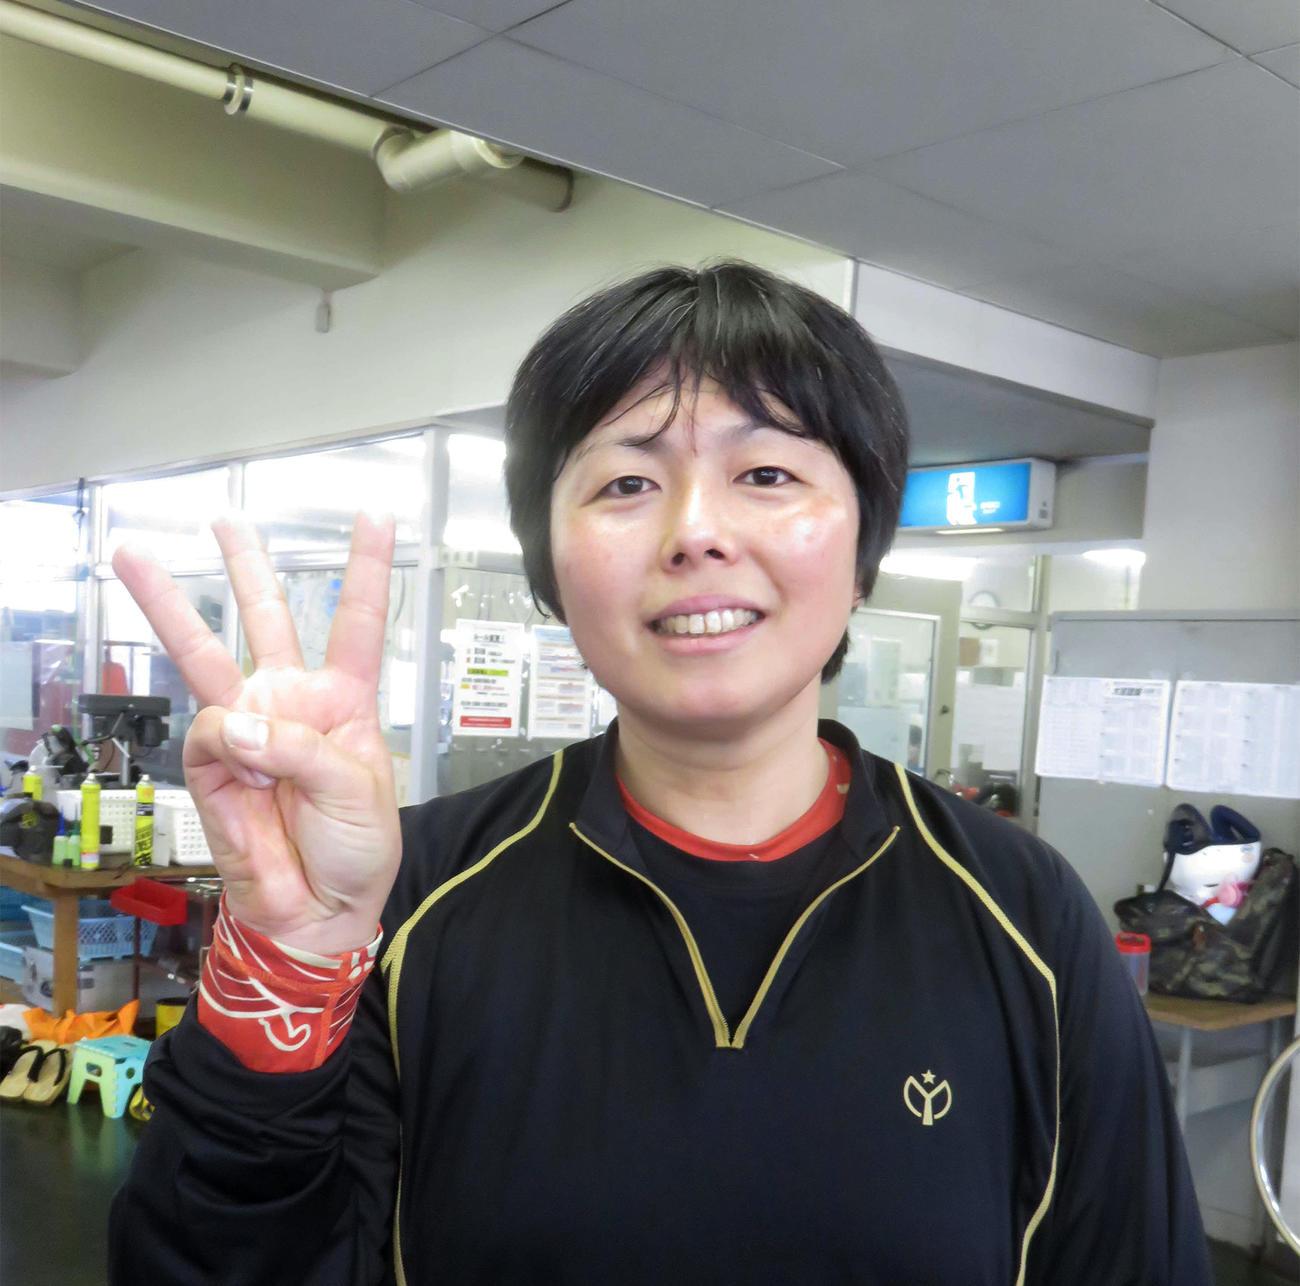 岡村育子は予1・6Rで3着に入り指を3本立てたポーズ(撮影・中野公博)